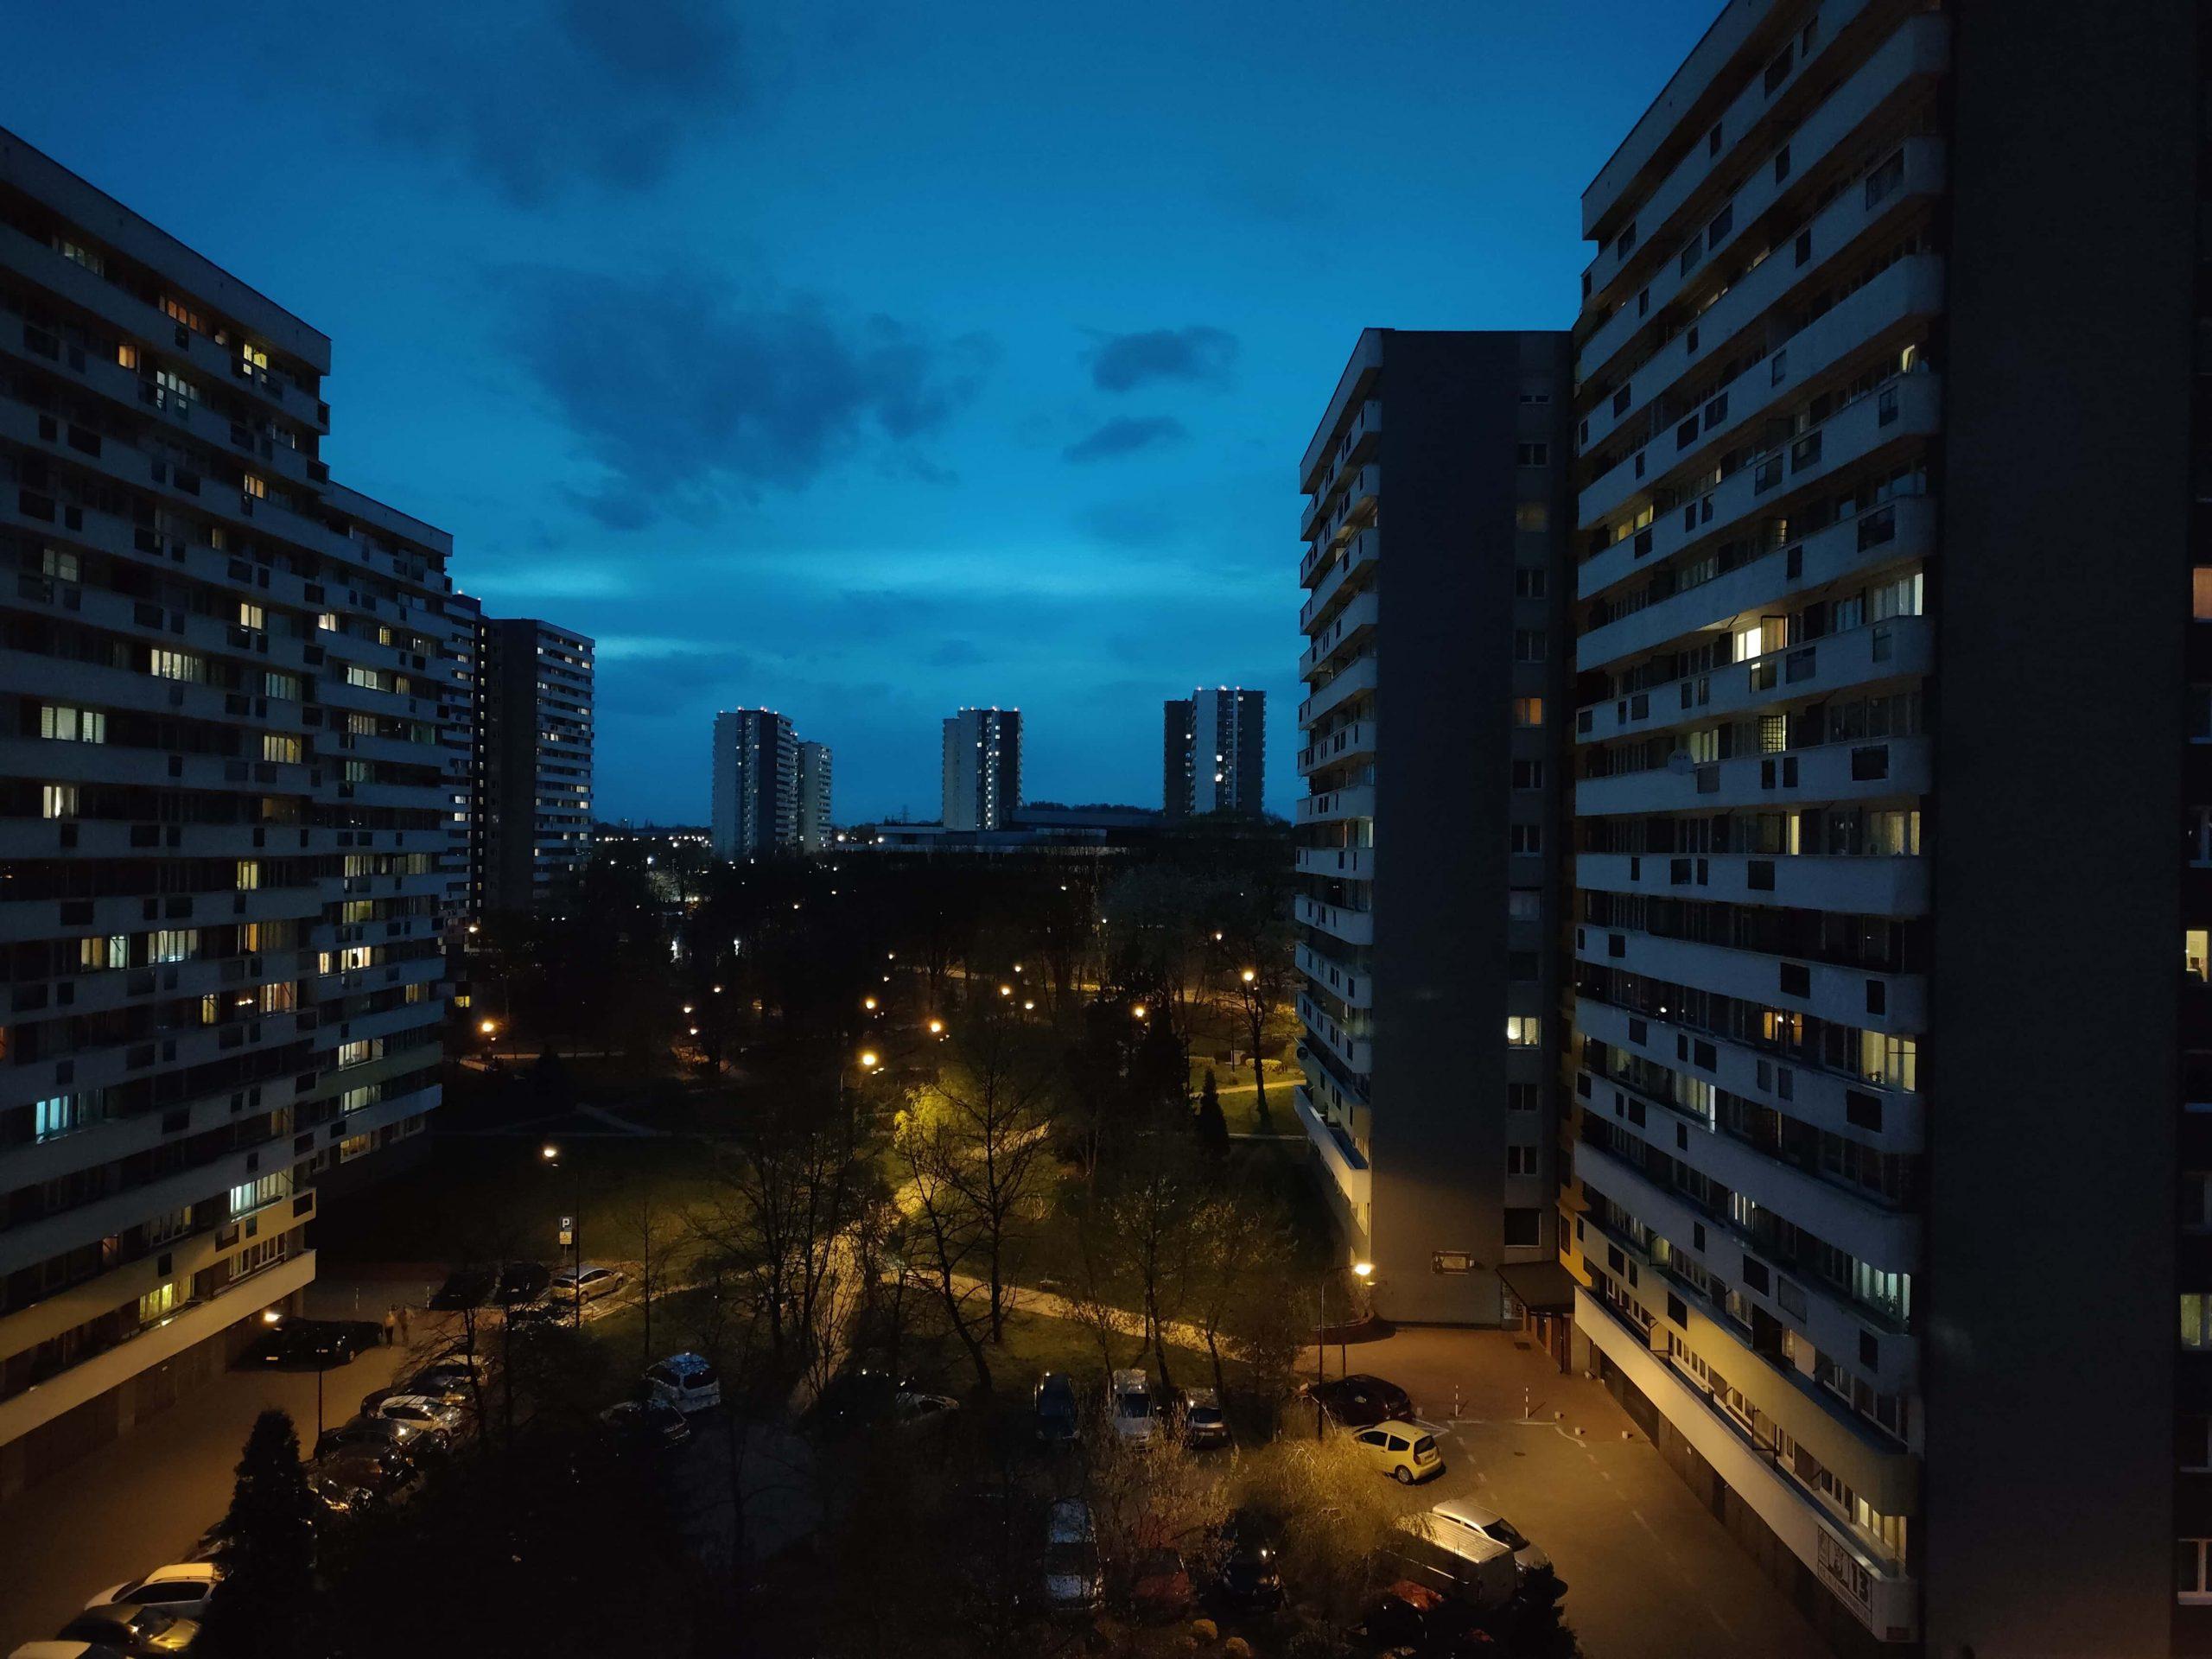 Zdjęcia nocne - Oppo Reno5